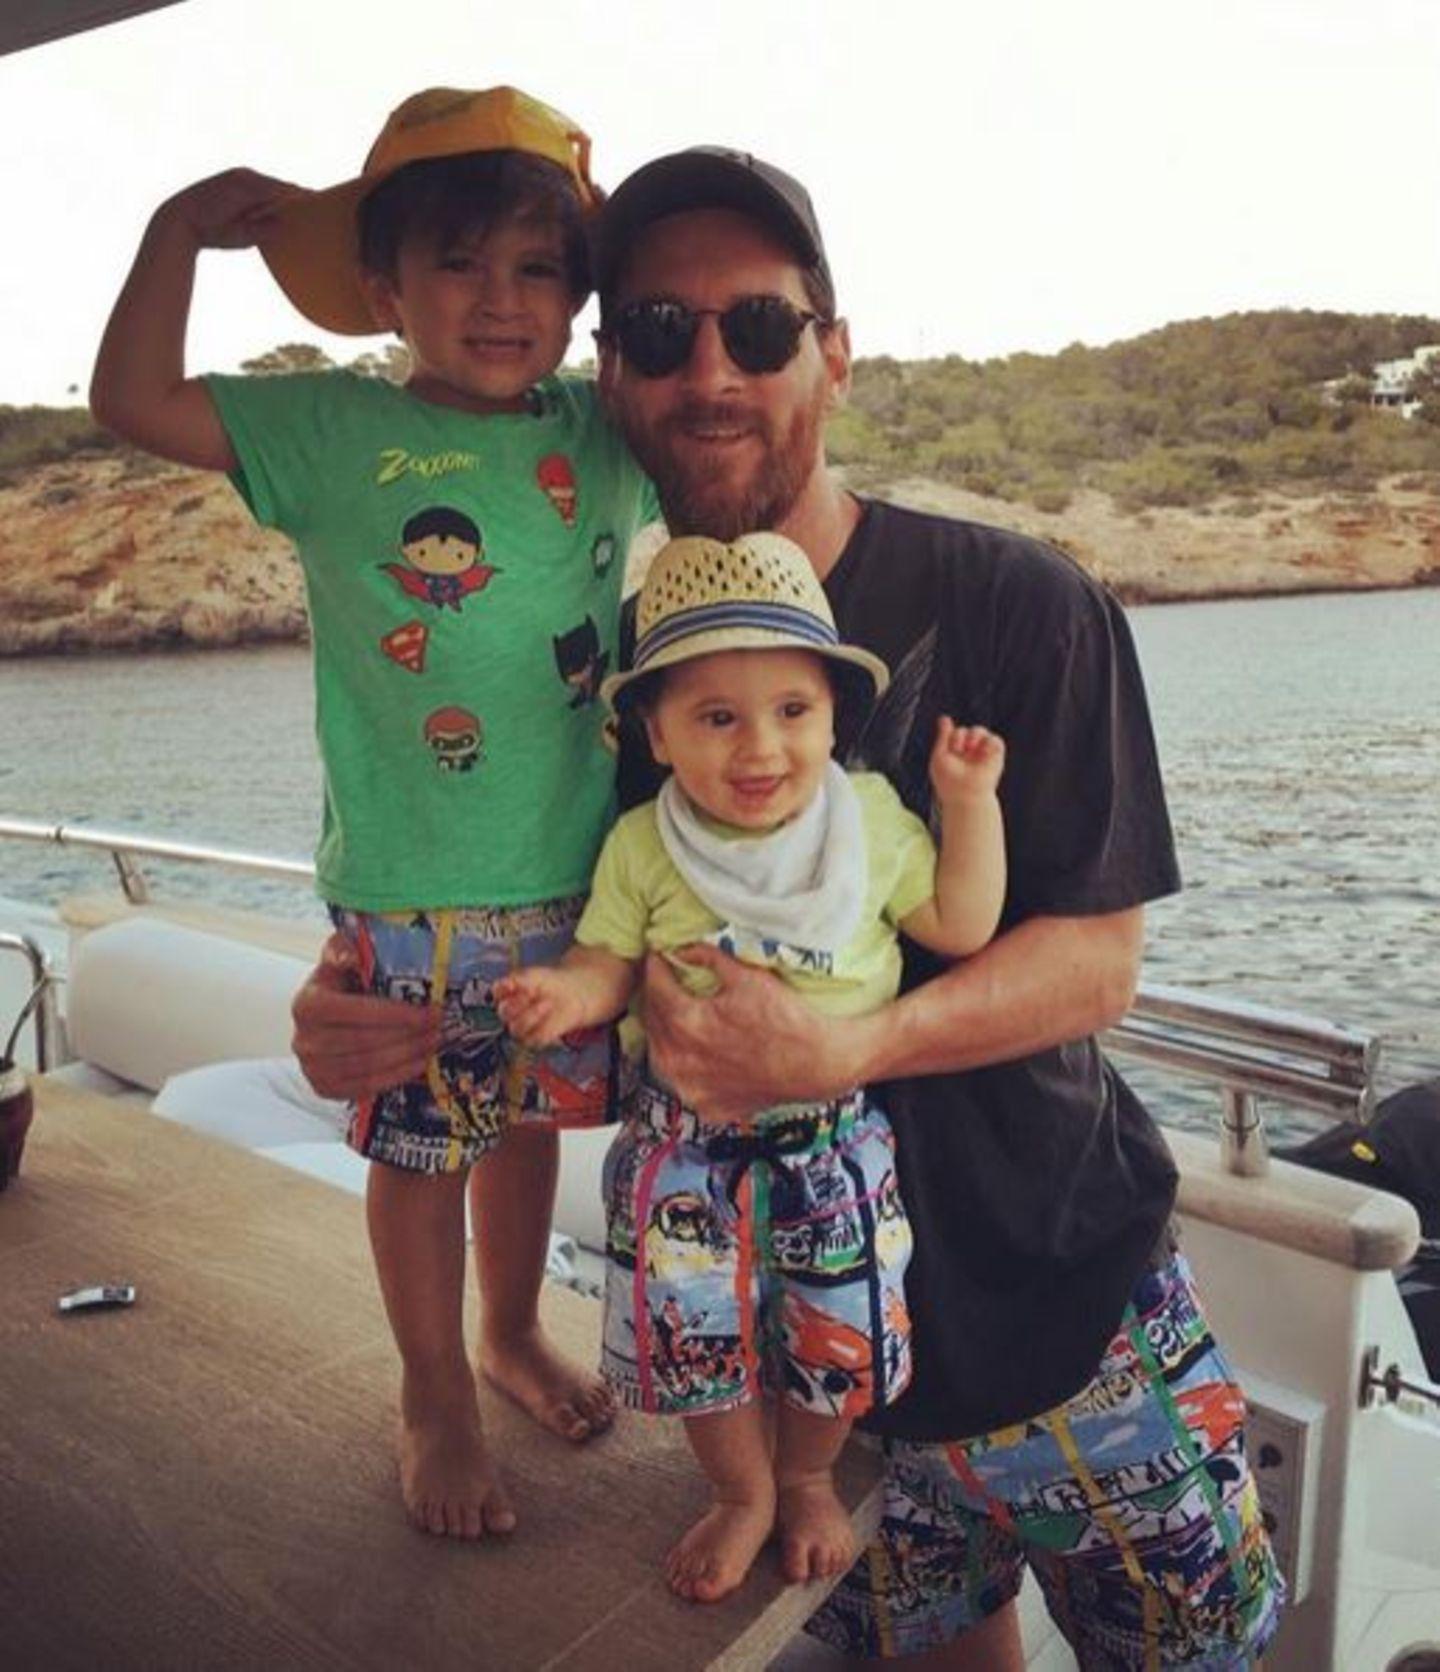 Daddy und die Jungs im Partnerlook: Im Urlaub zeigt sich Lionel Messi in der gleichen Shorts wie seine Söhne Thiago und Mateo.